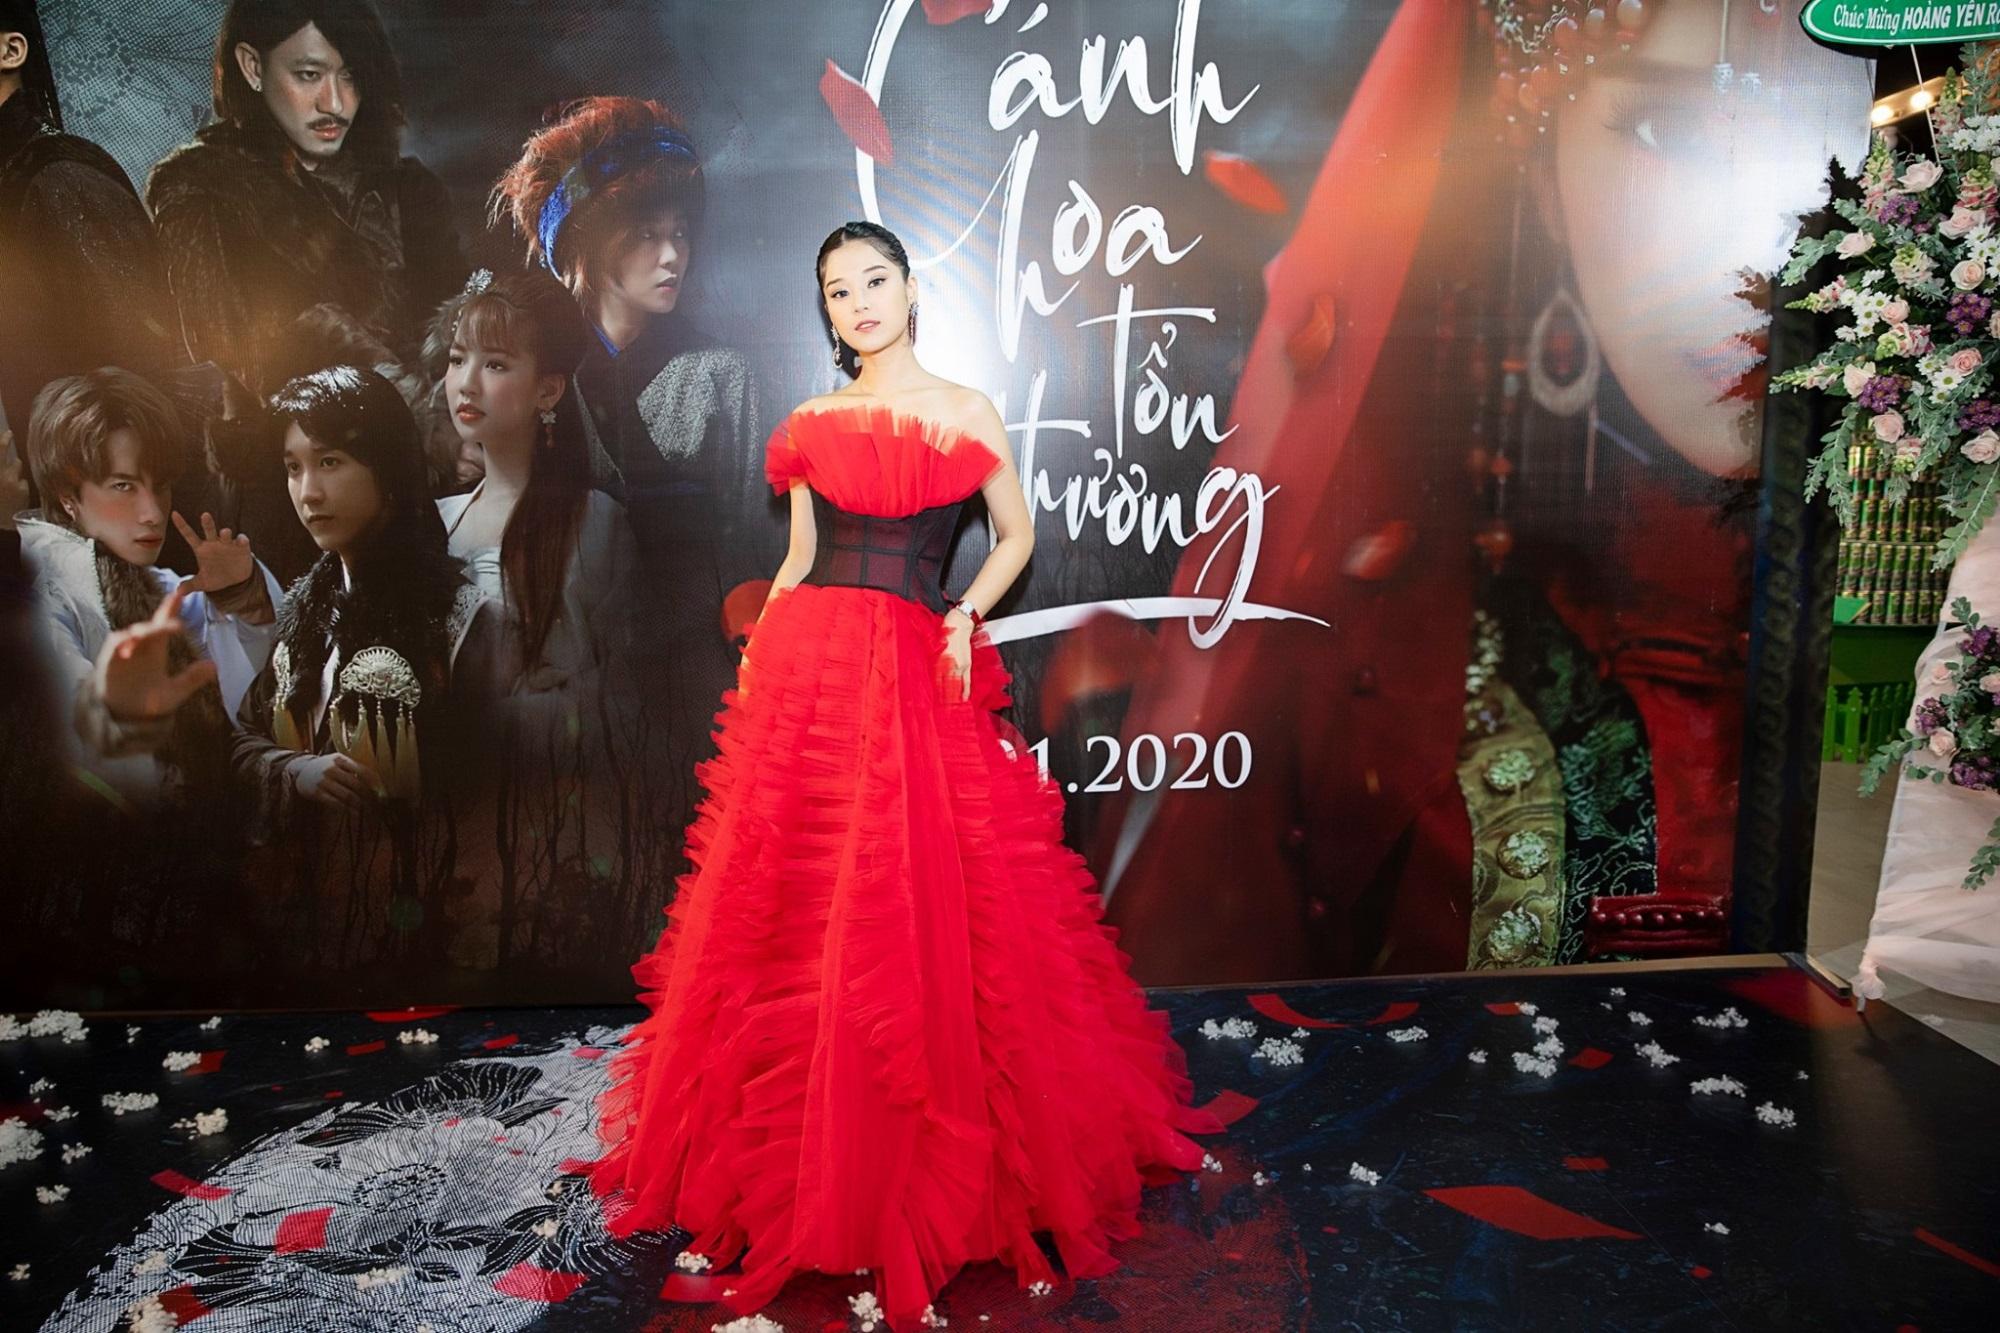 Hoàng Yến Chibi quyết định bán nhà làm MV cổ trang 'Cánh hoa tổn thương' - Ảnh 2